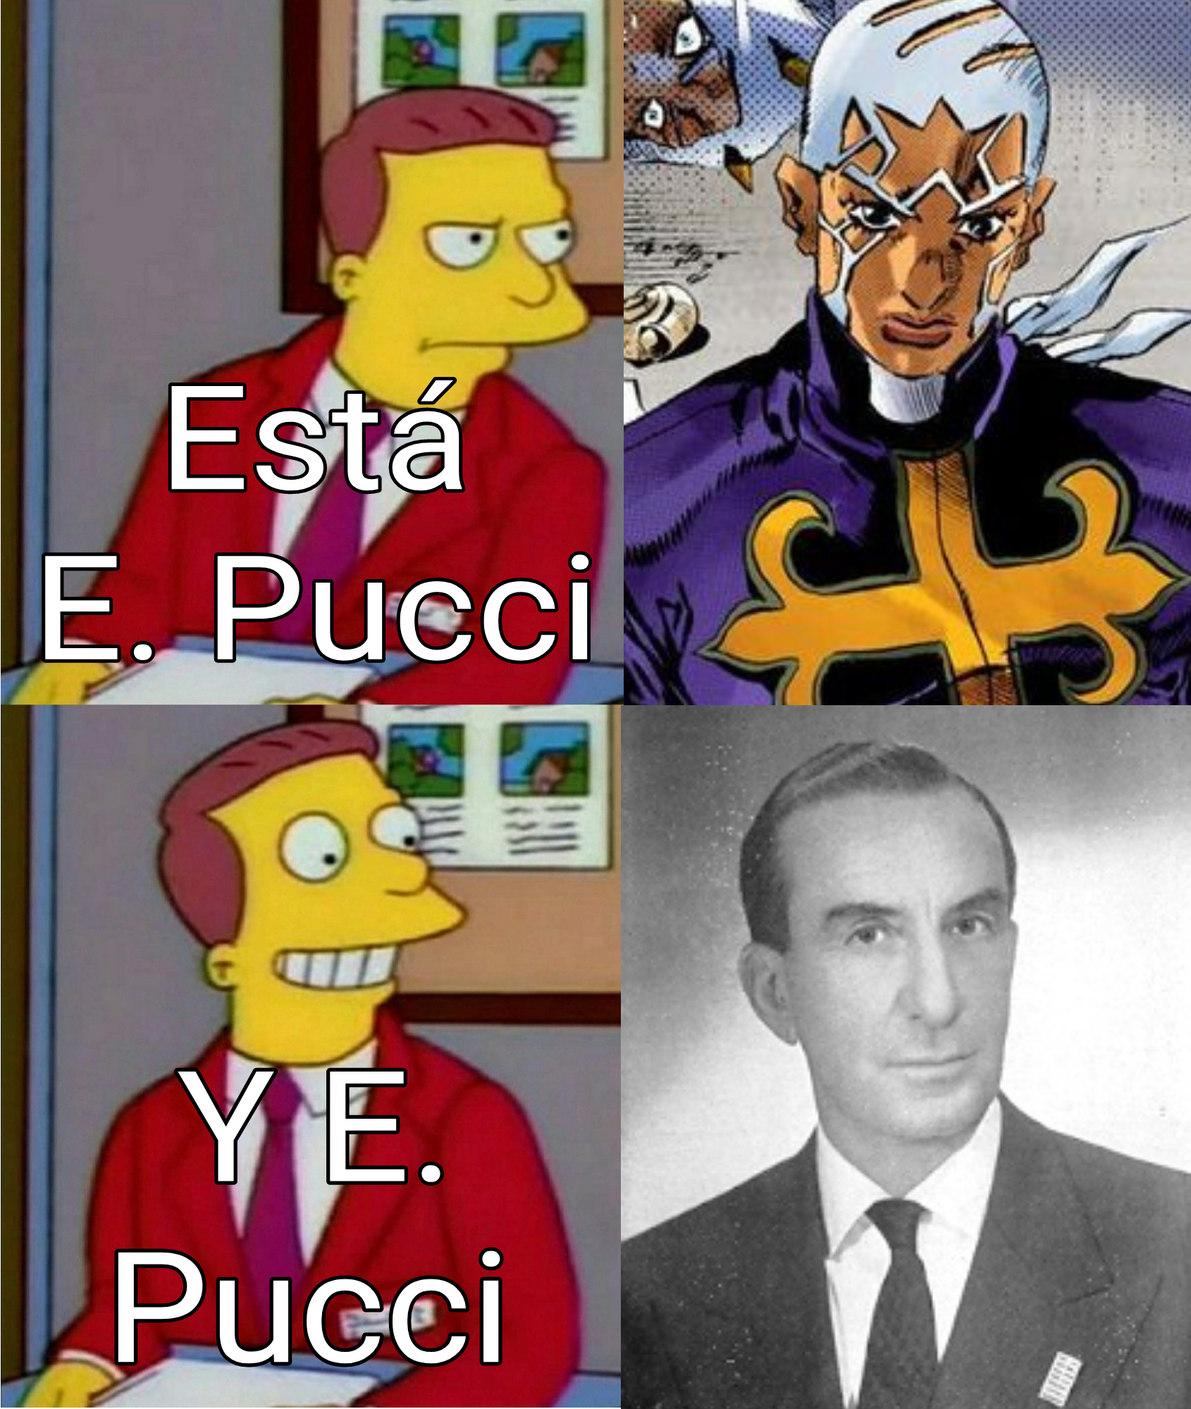 un capo E. Pucci :trollface: - meme